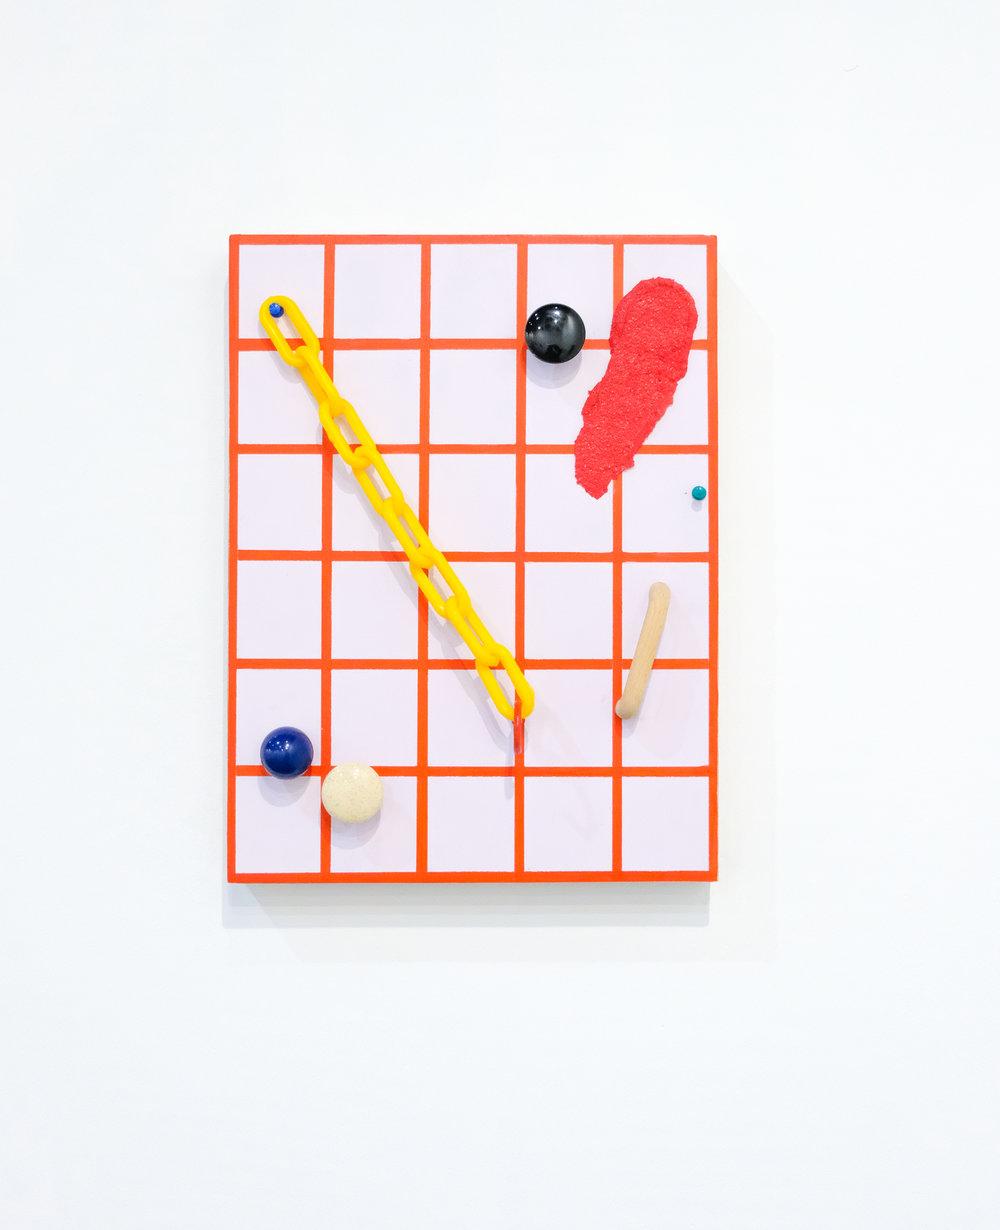 Brandon E. Cannon / Milan, 2016 / Medio mixto / 40.6 x 30.4 x 4.1 cm